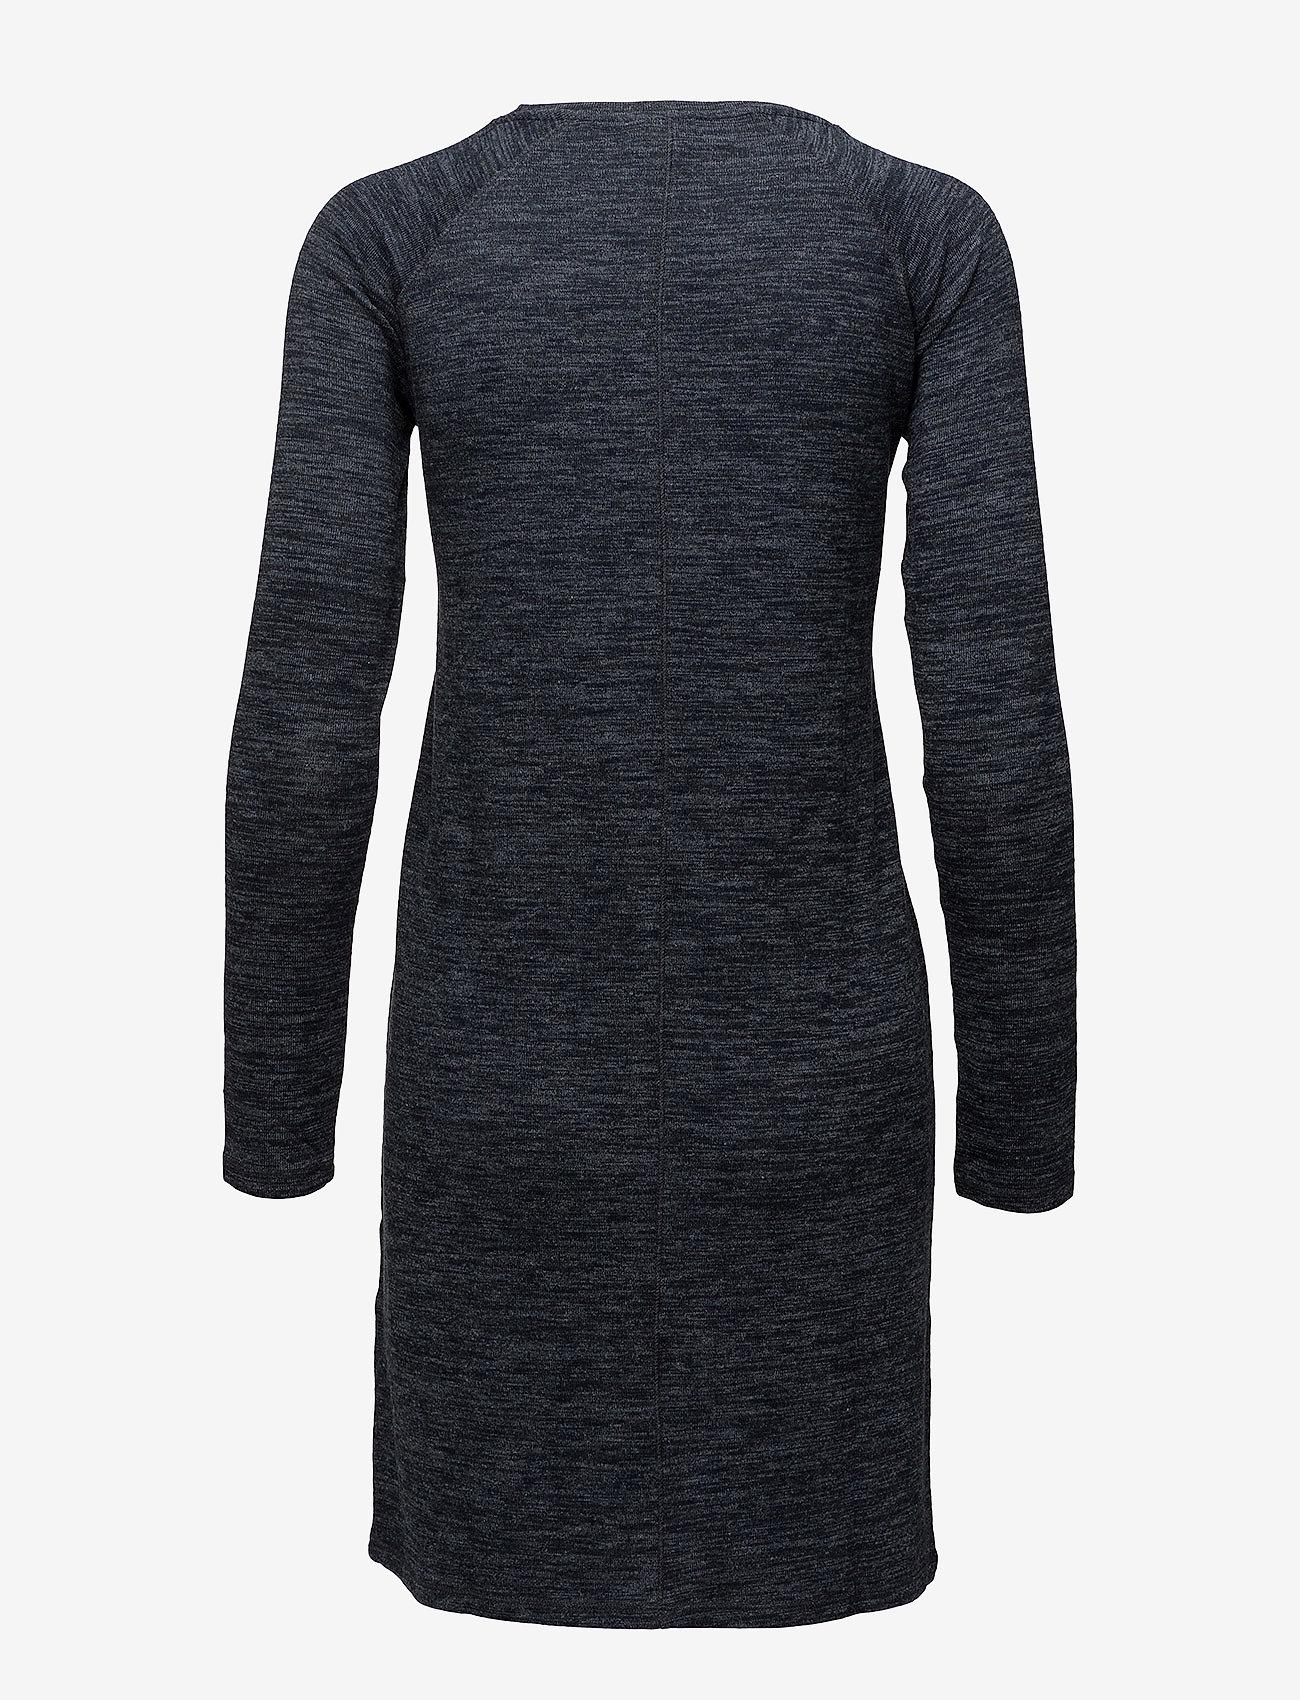 Falak Dress (Navy Sky) - Modström 3CvBWP